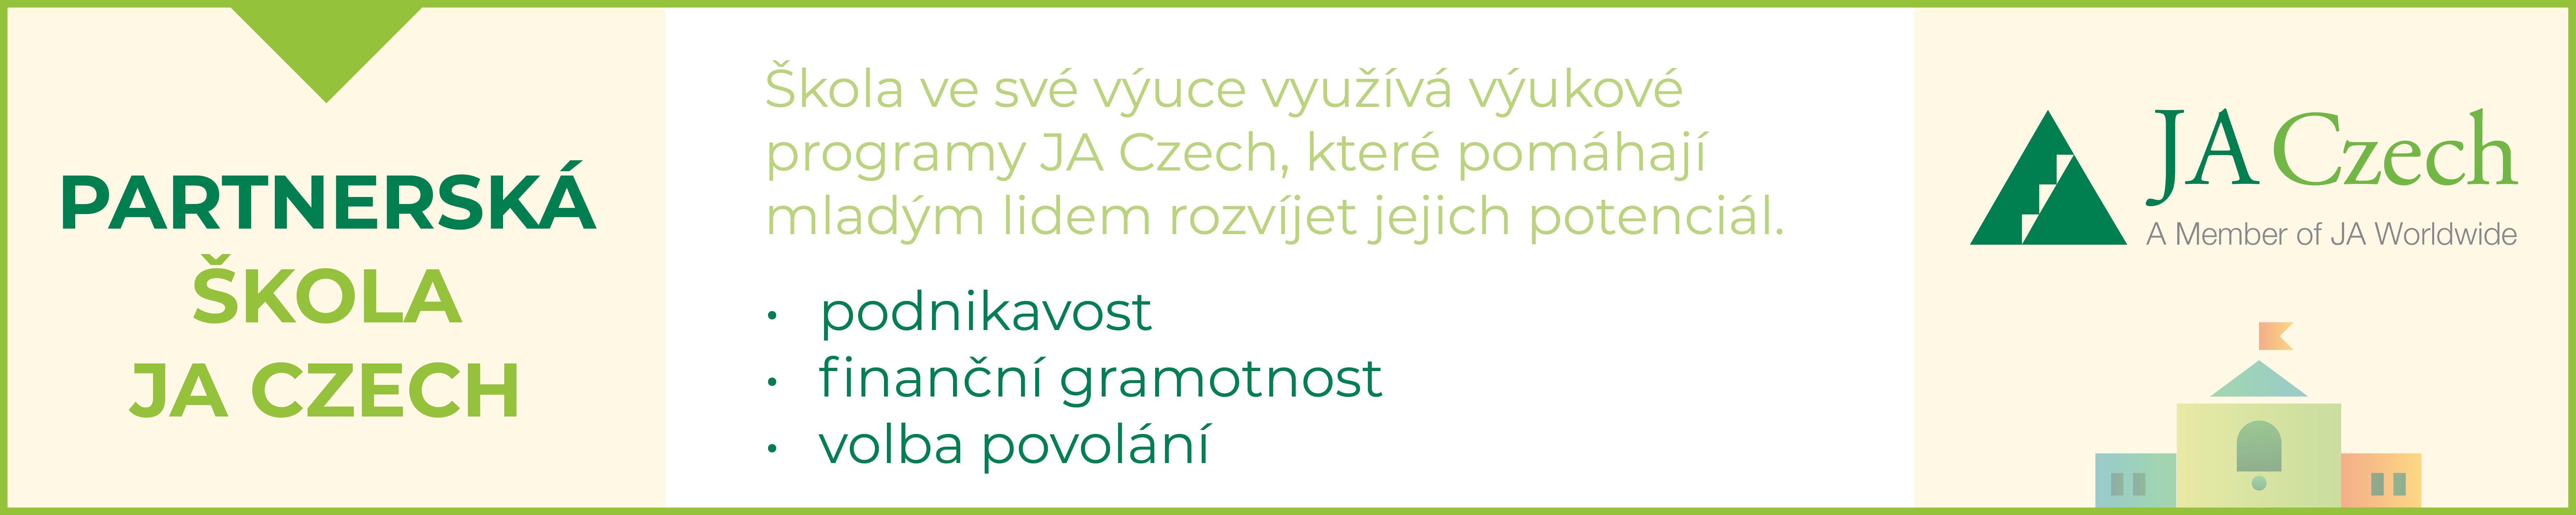 Partnerská škola JA Czech